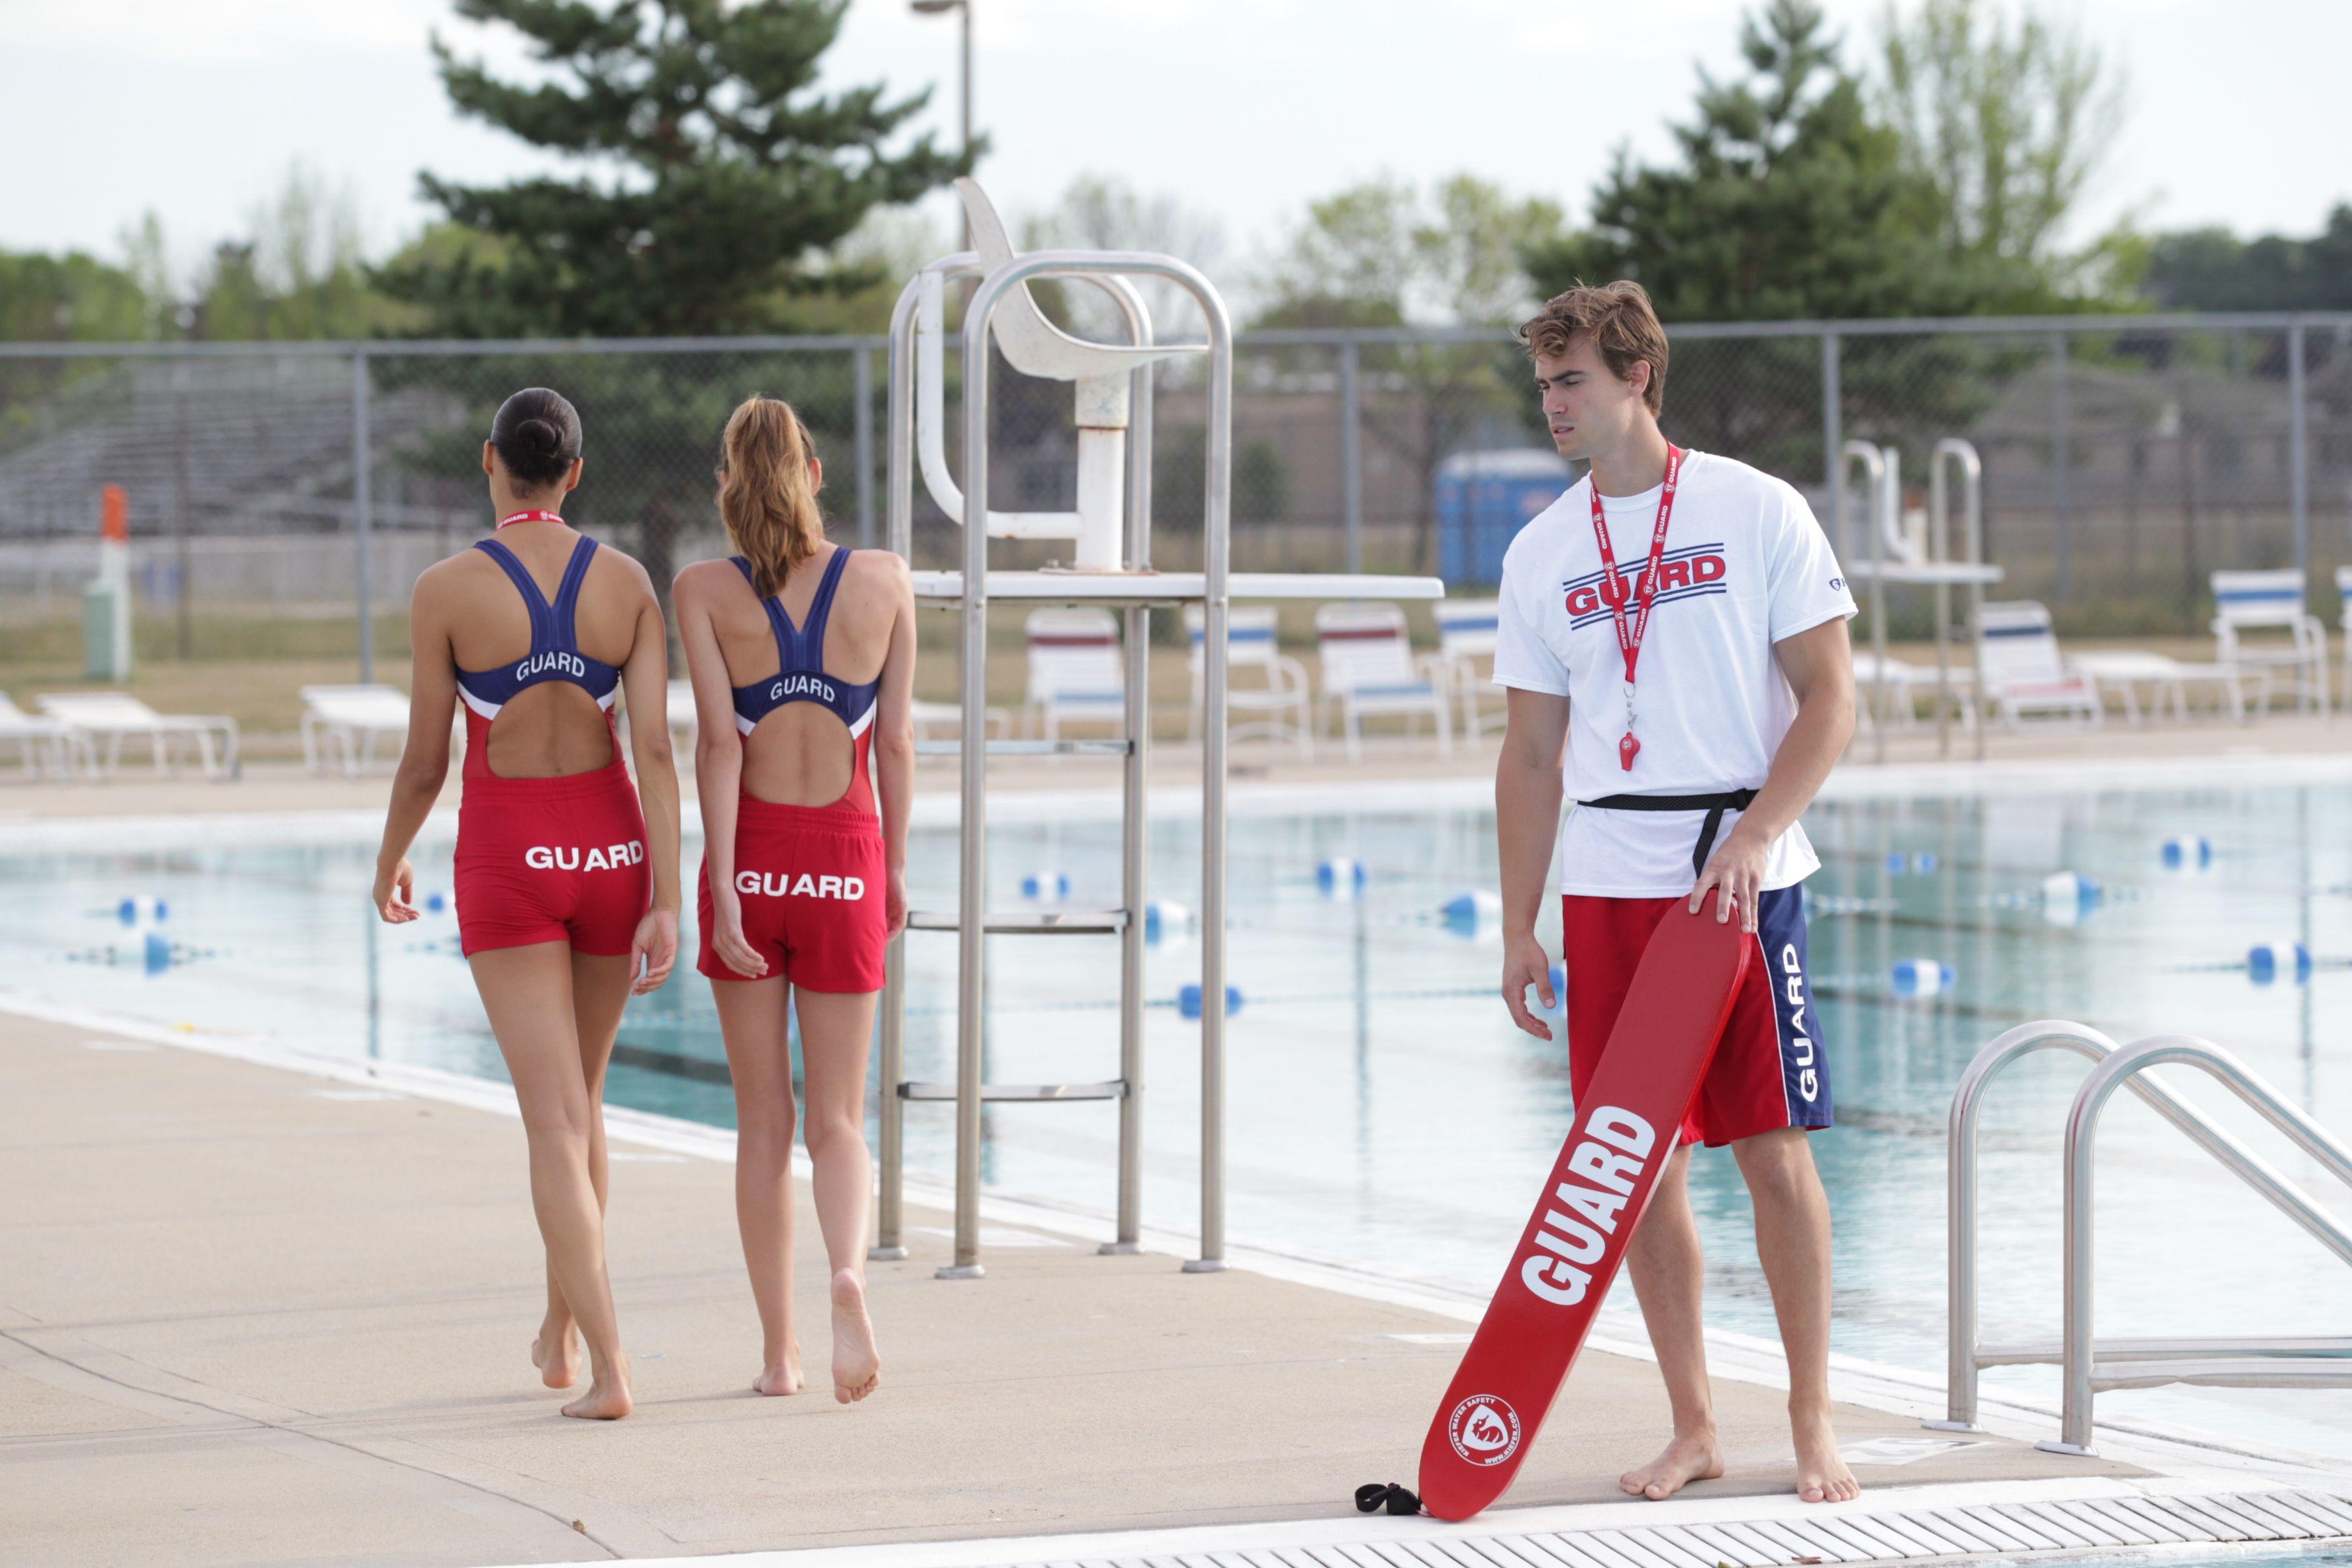 98c9d3ac8c01 Kiefer brand guard swimwear and apparel  lifeguard  apparel  swimming